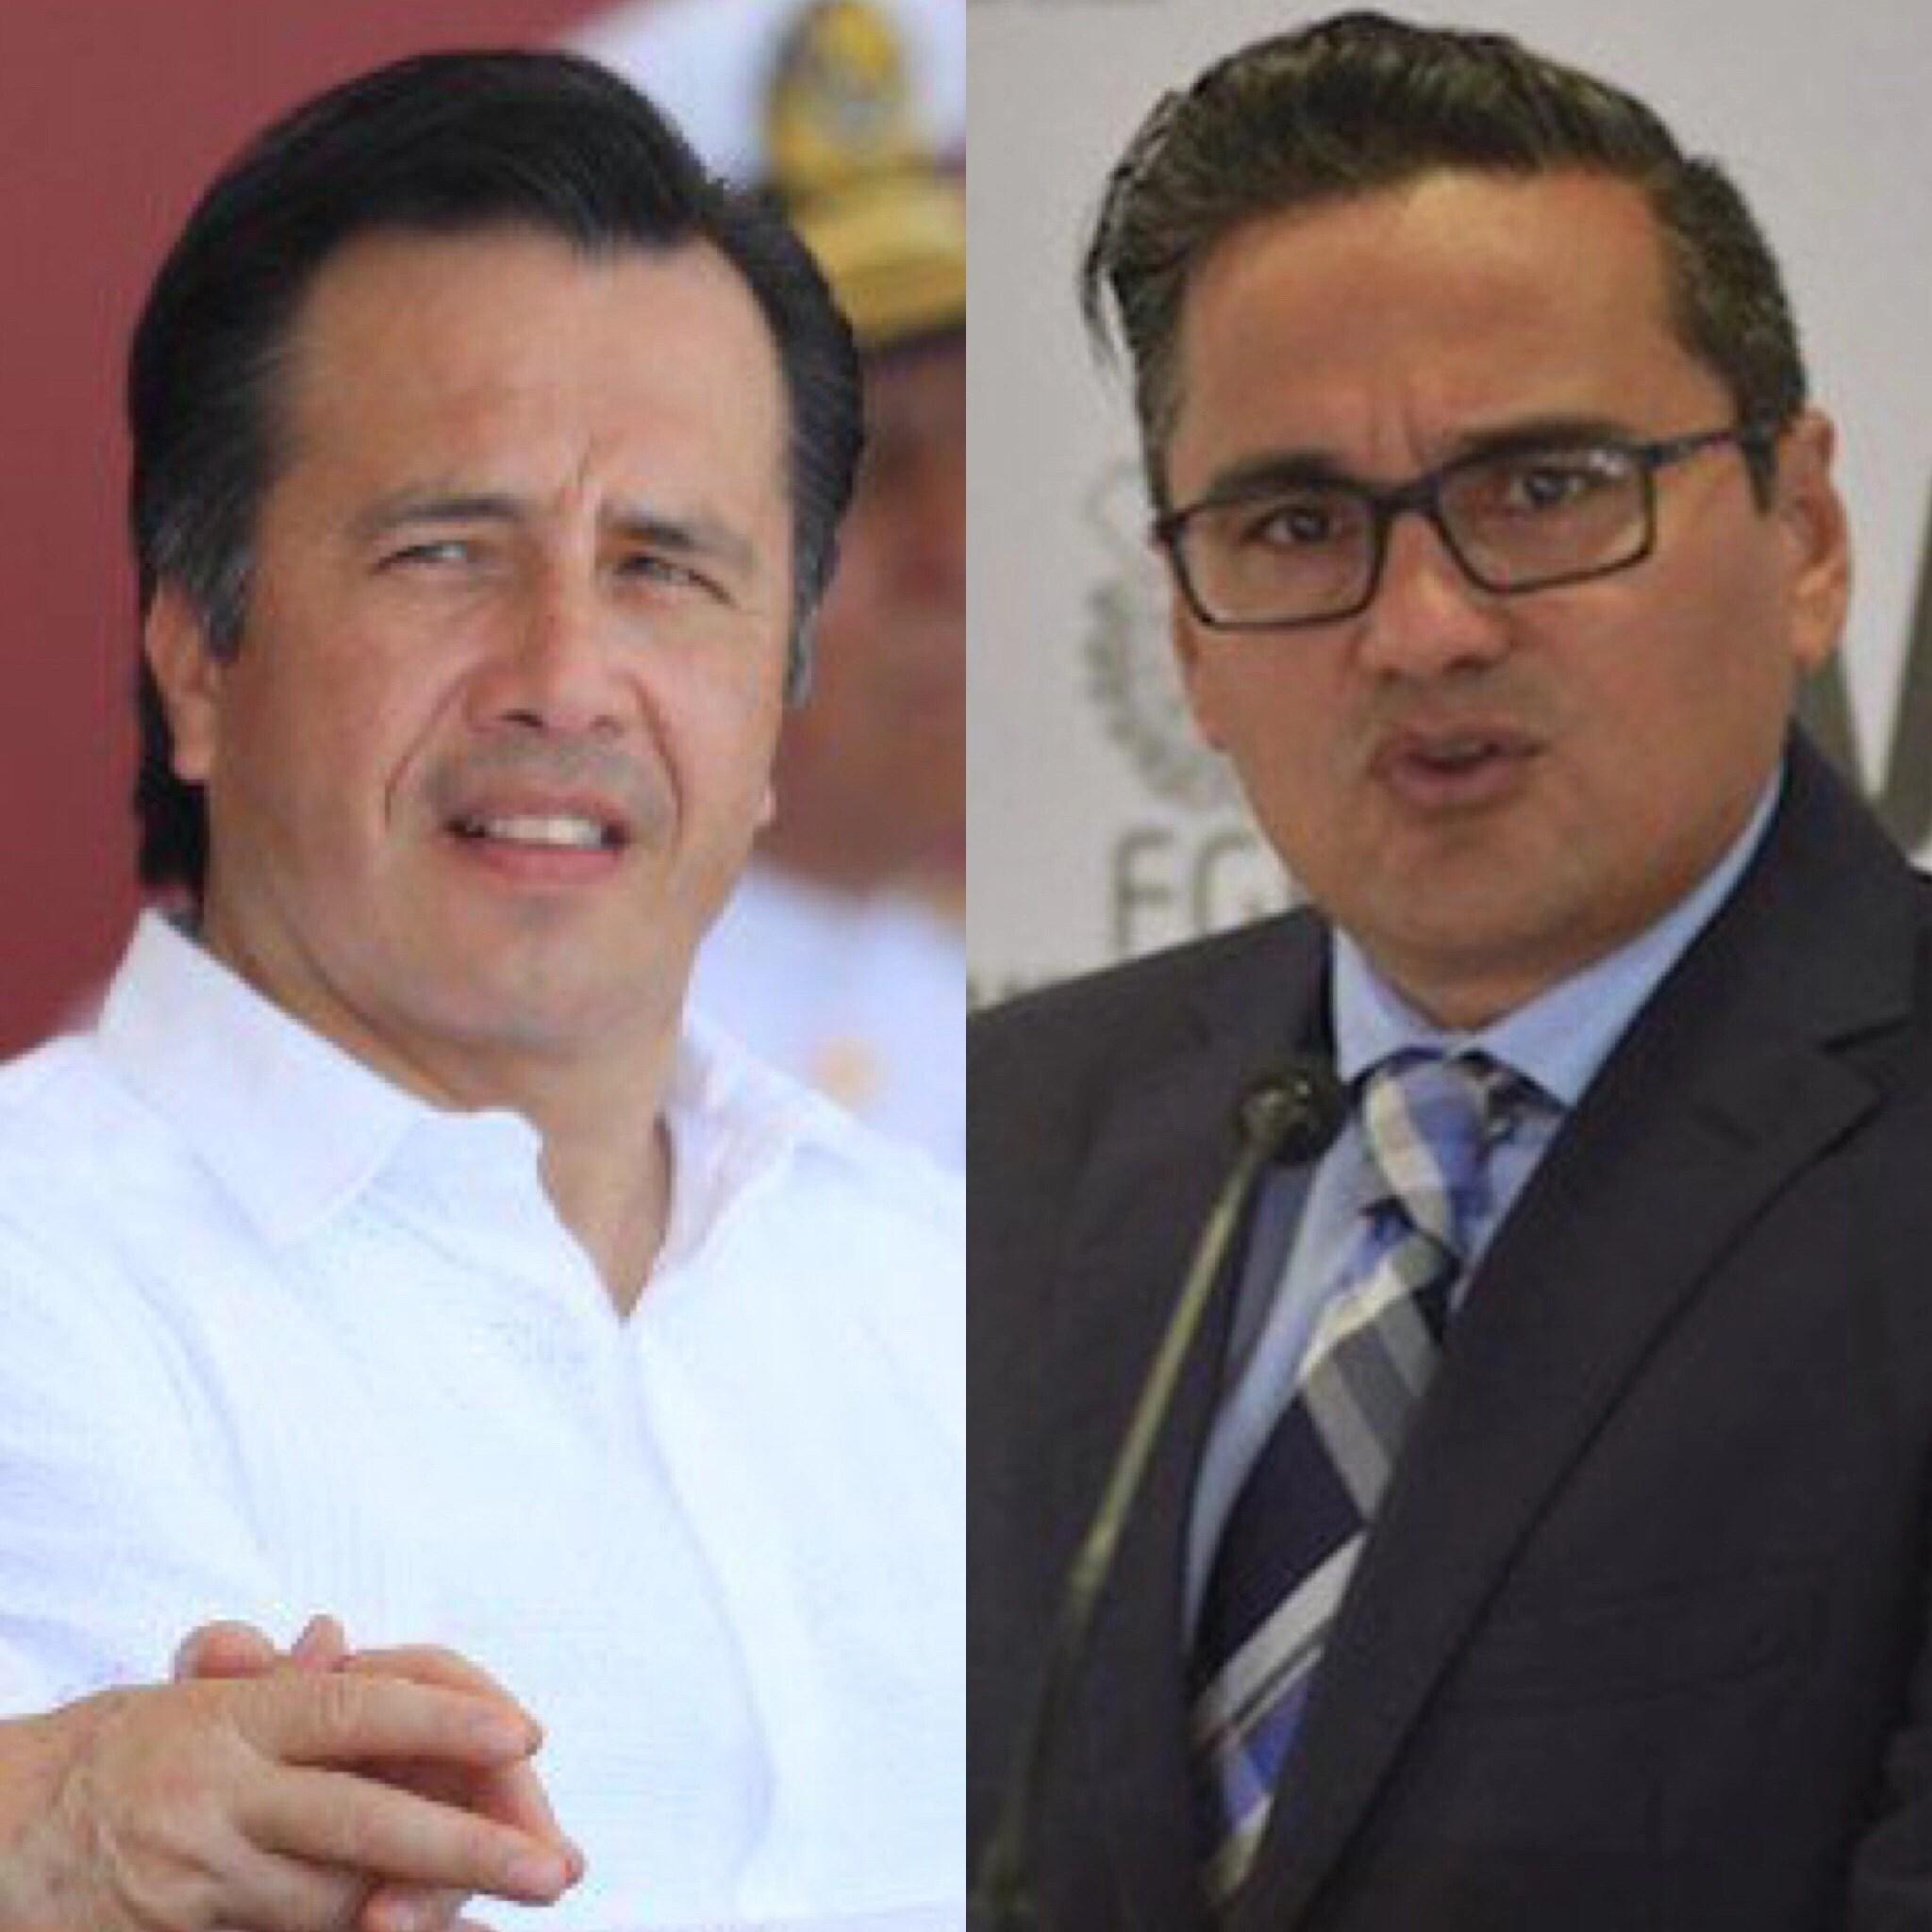 Buscarán congraciar al Gobernador y Fiscal en Veracruz: Alejandro Aguirre Guerrero